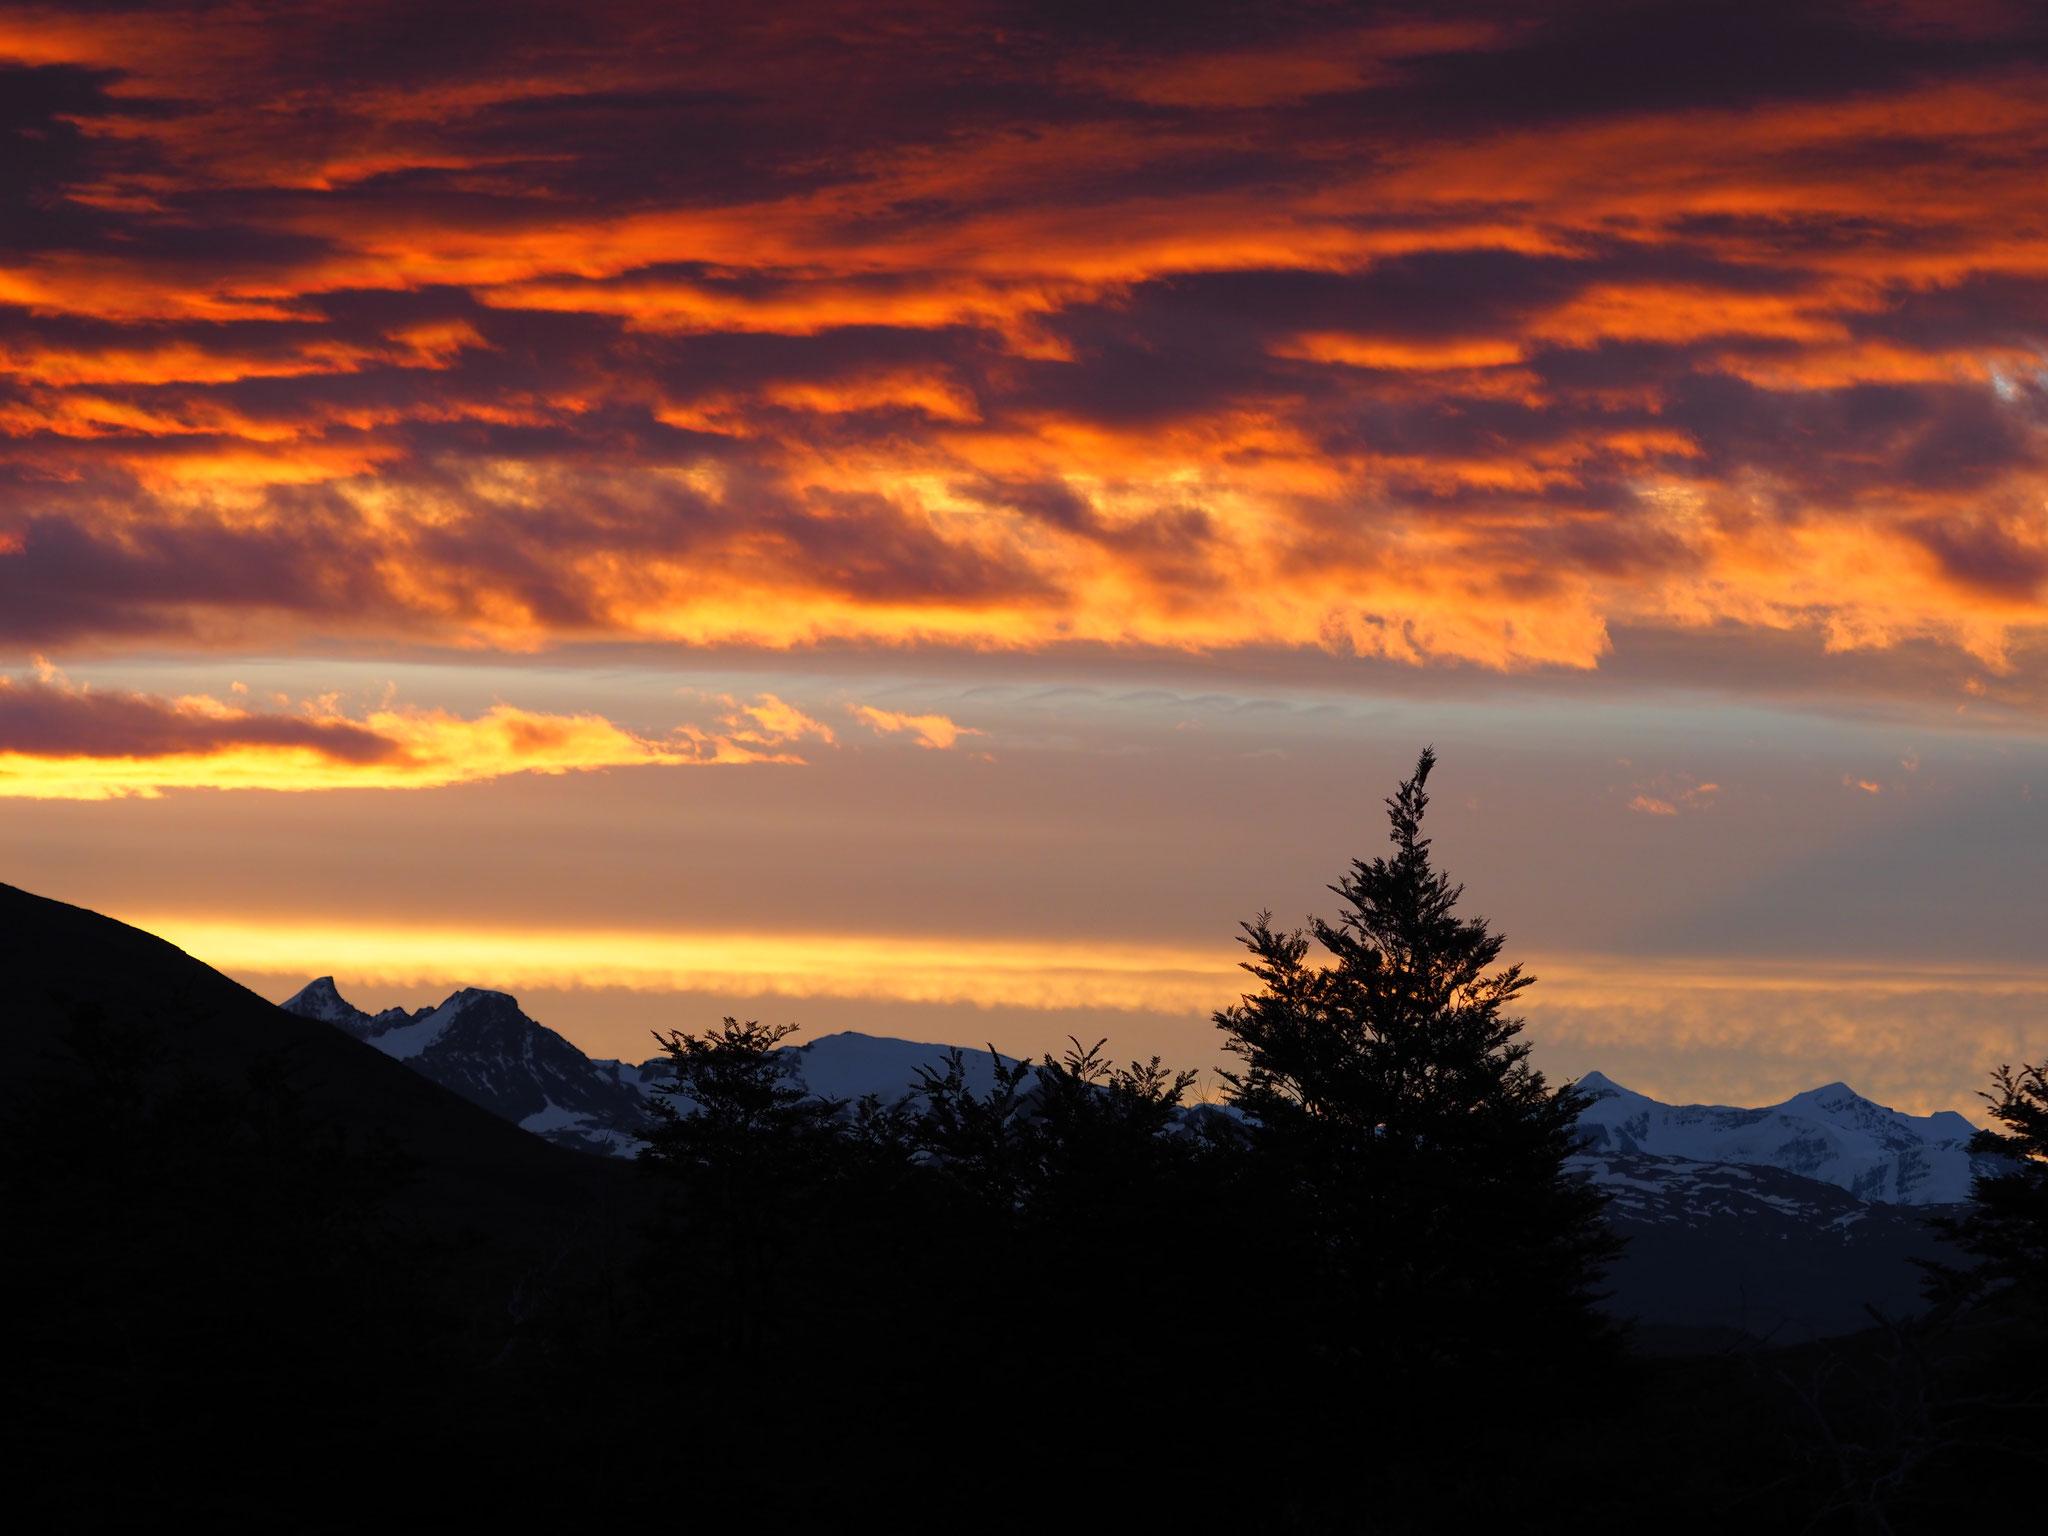 Wunderschöne Abendstimmung am Fusse des Torres del Paine